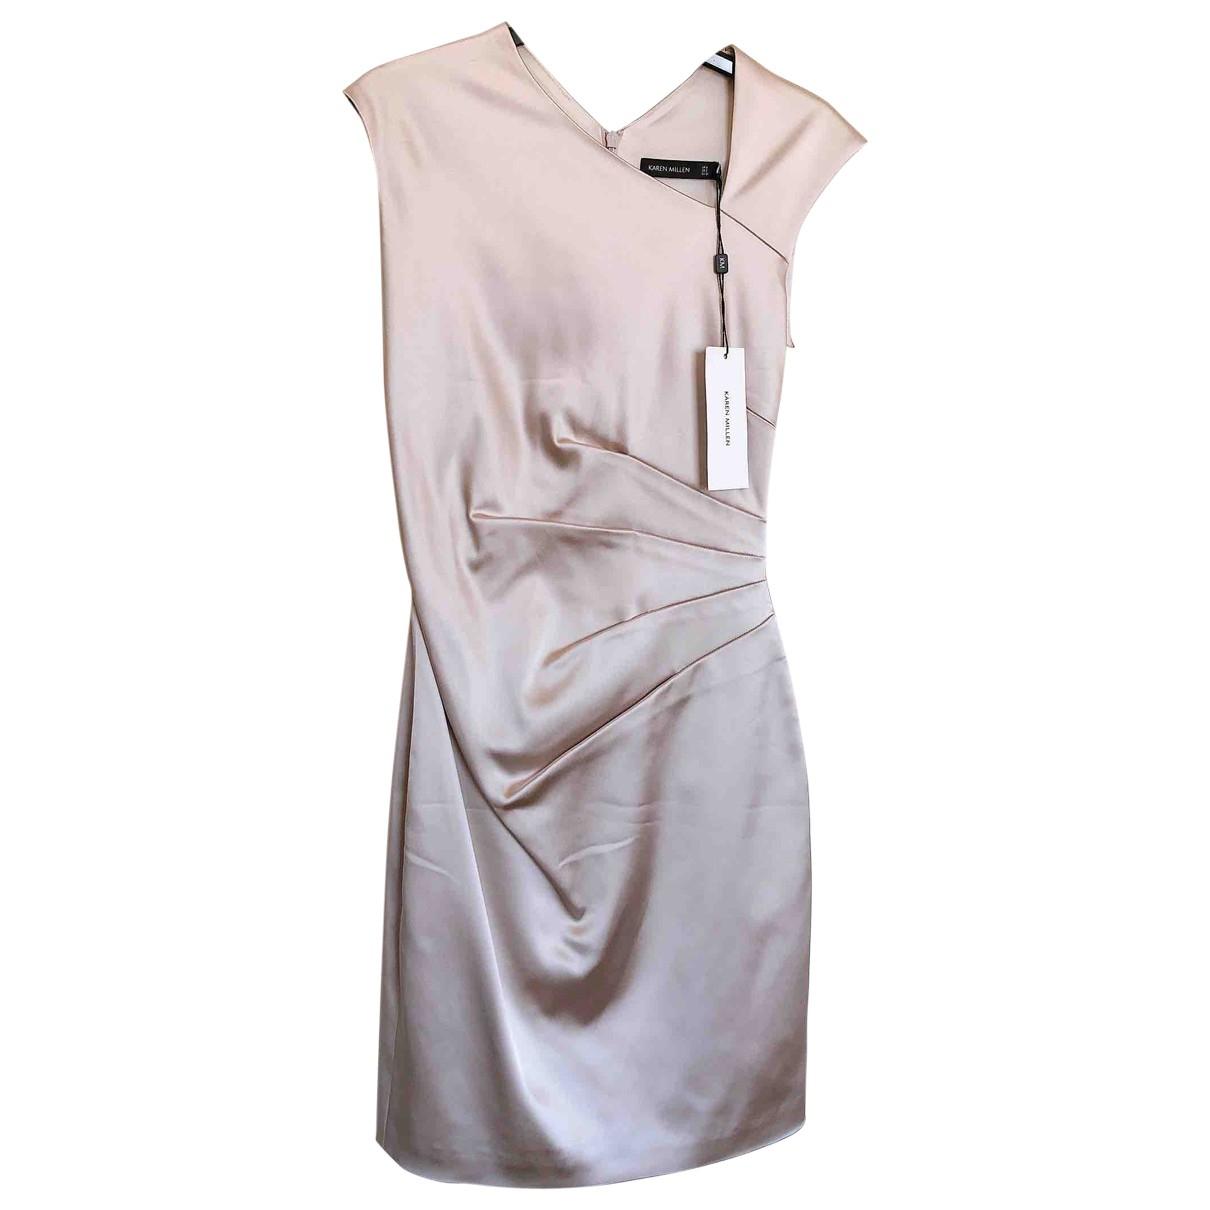 Karen Millen \N Kleid in  Beige Viskose